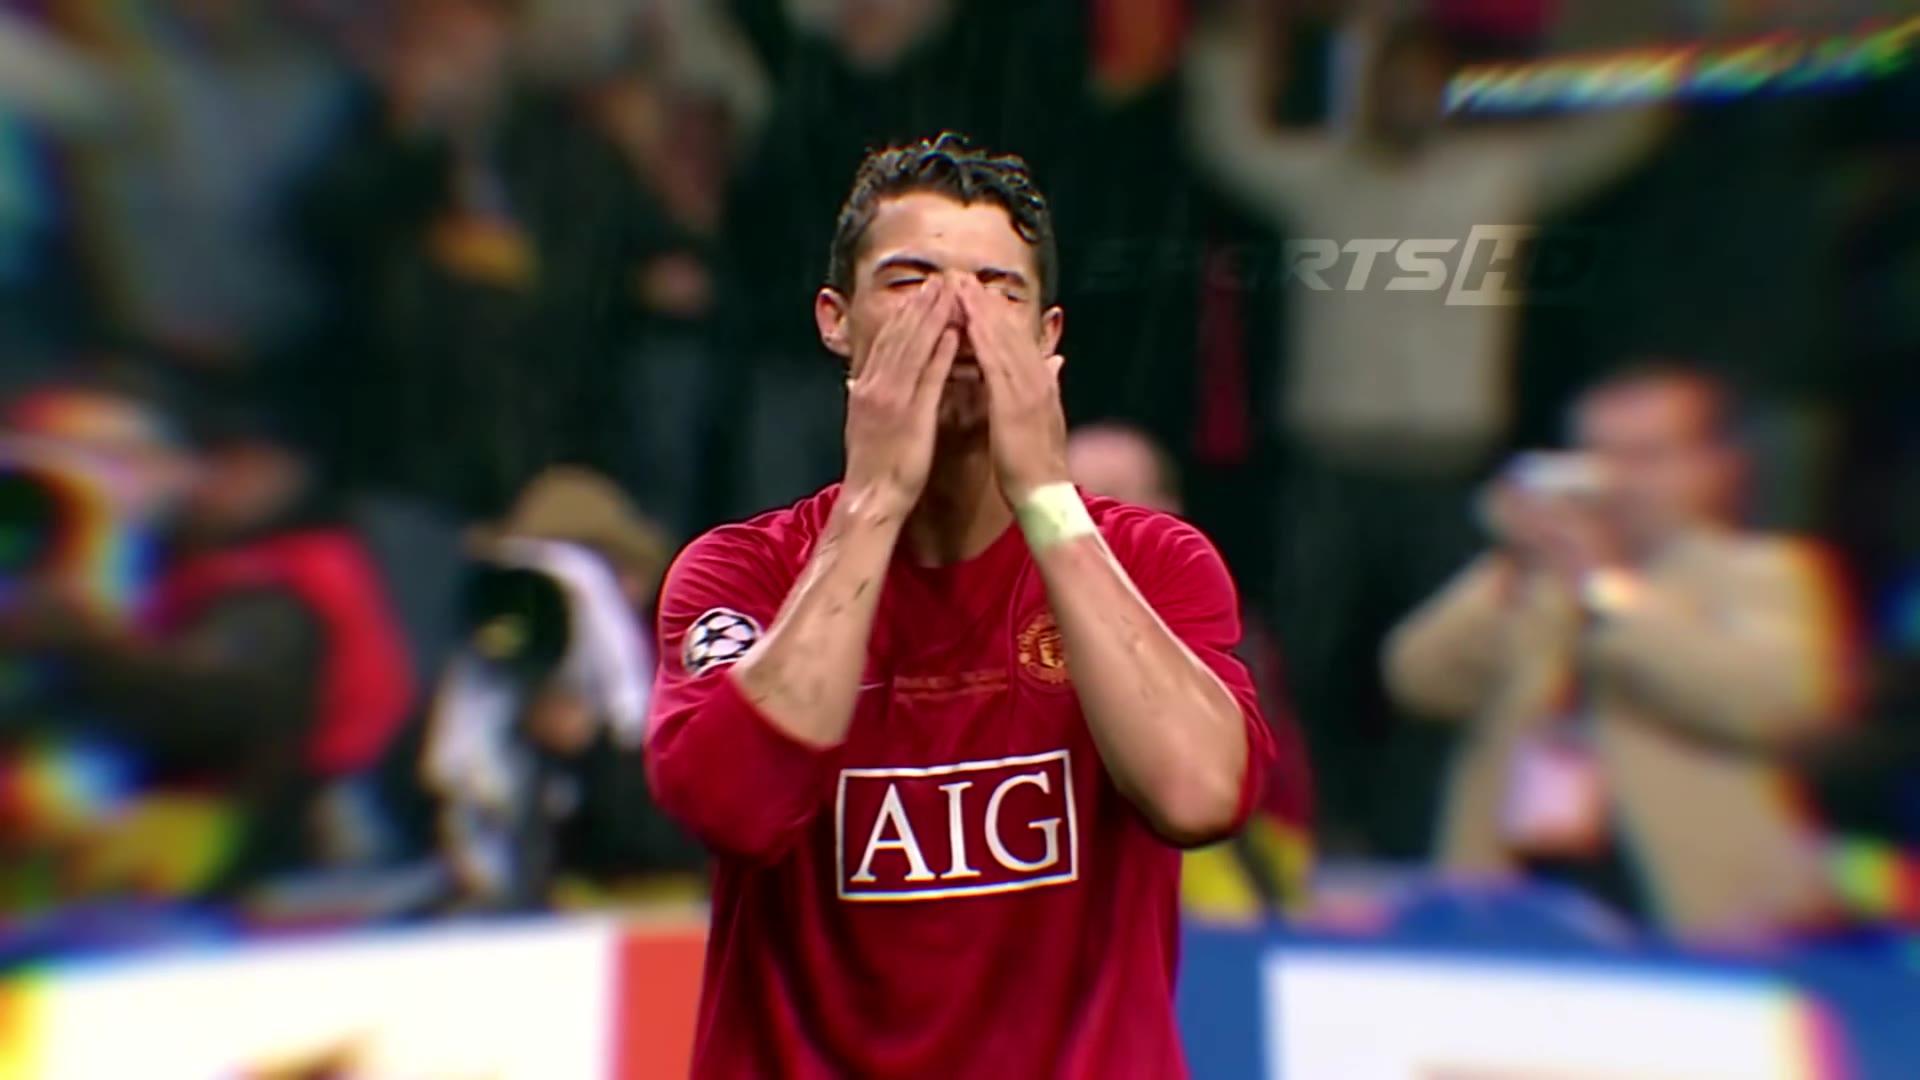 【足球】【点球失误】Unforgettable Penalty Misses